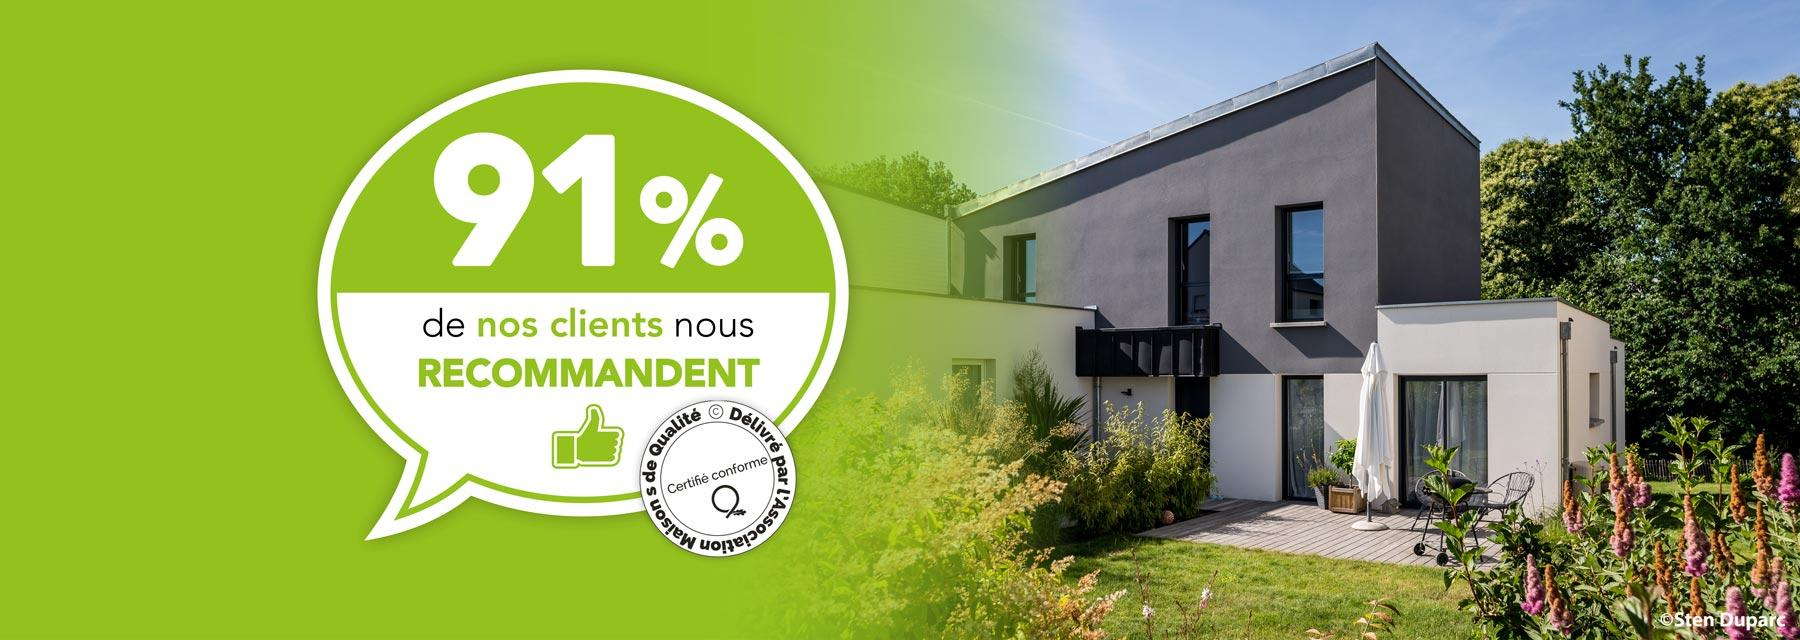 91% de nos clients recommandent Maisons Création à leur entourage